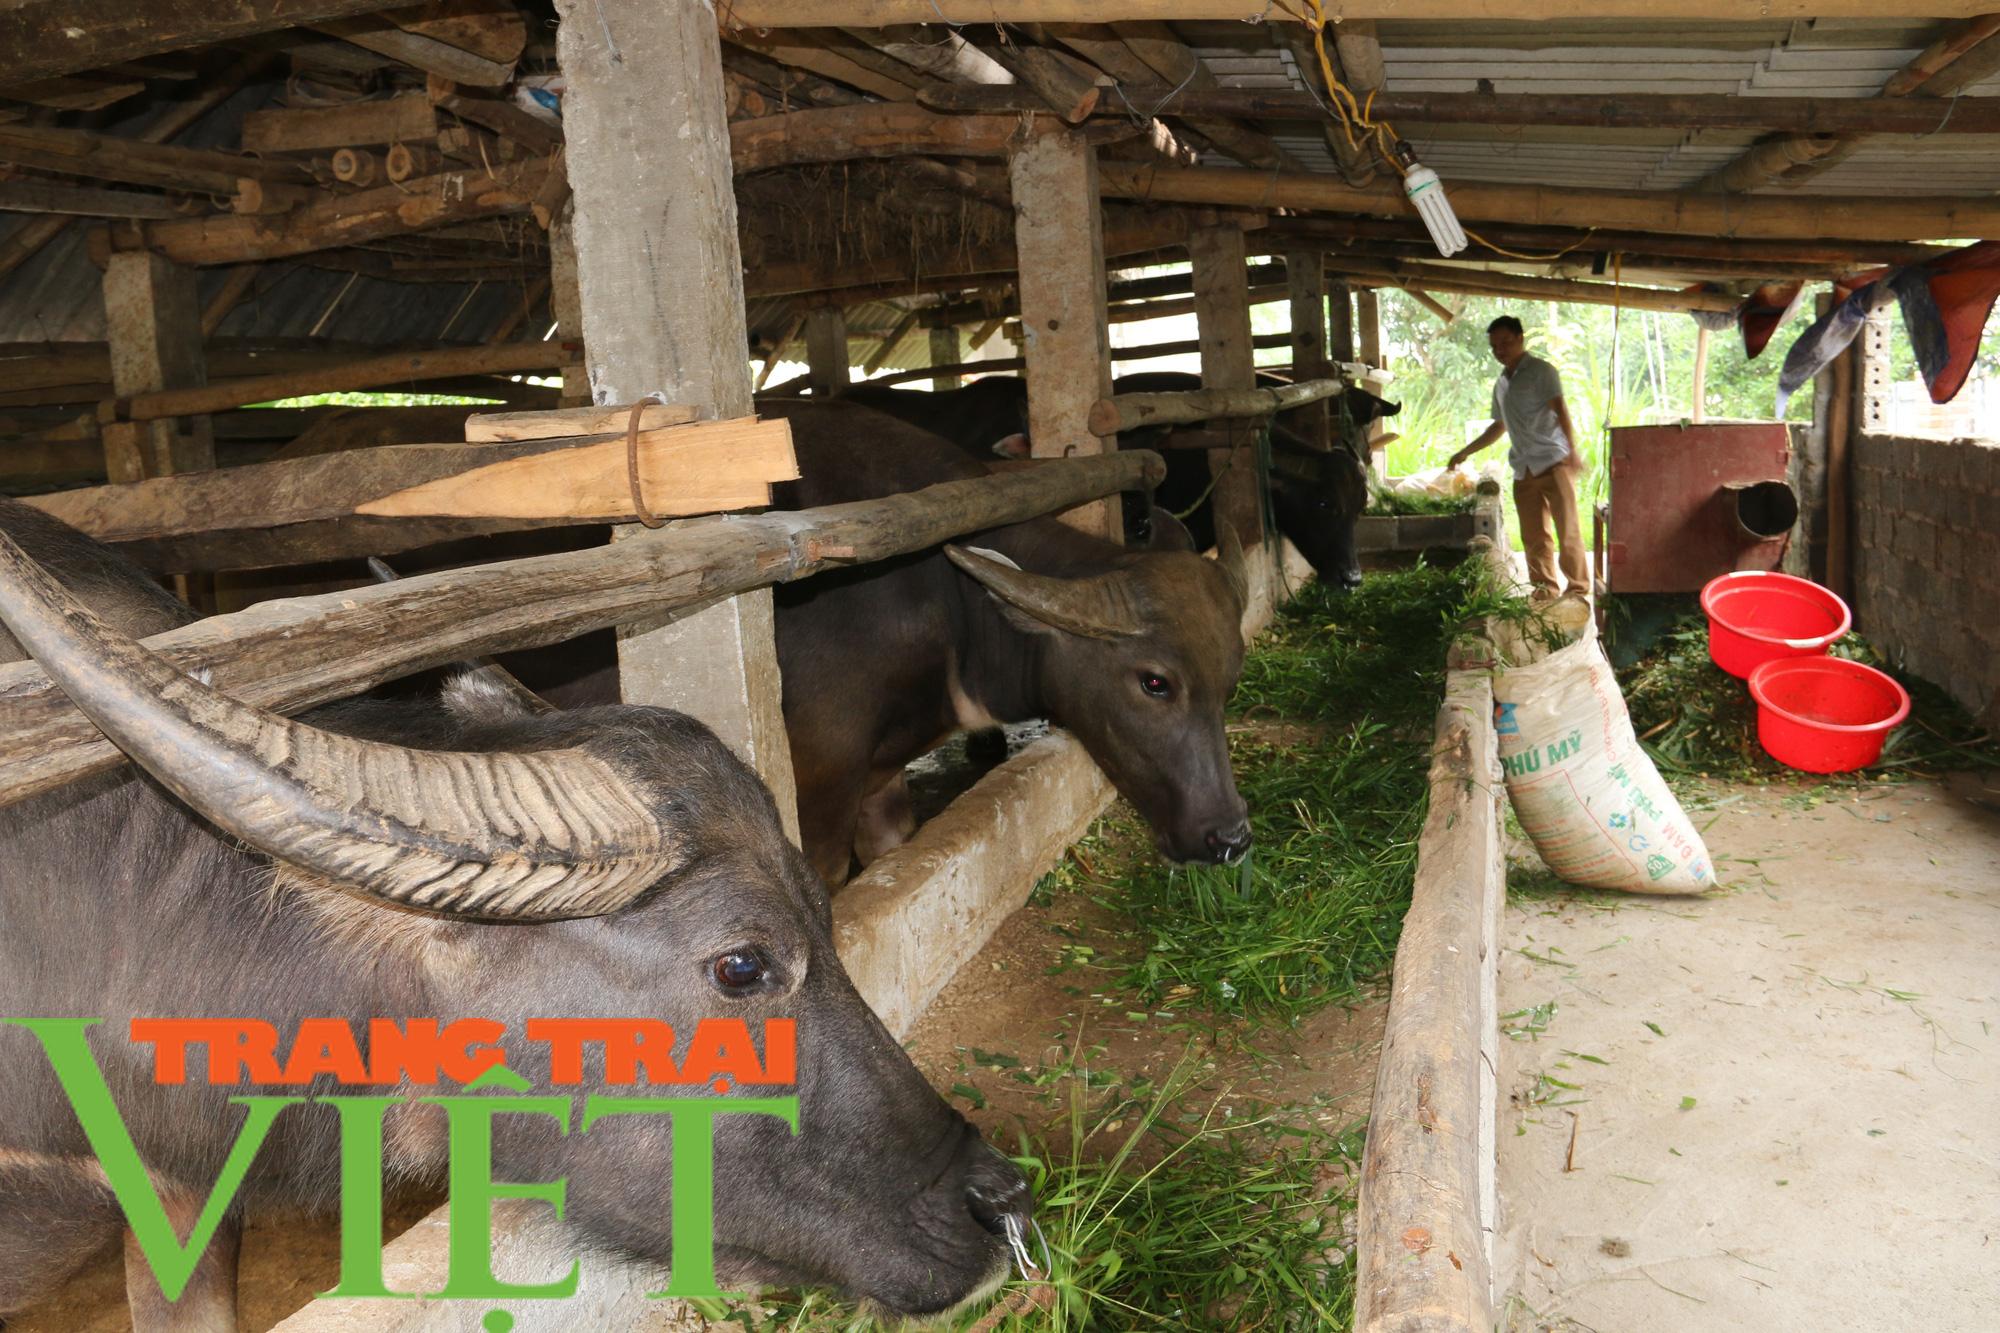 Hiệu quả mô hình nuôi trâu vỗ béo của Hội Nông dân xã Dũng Phong - Ảnh 5.